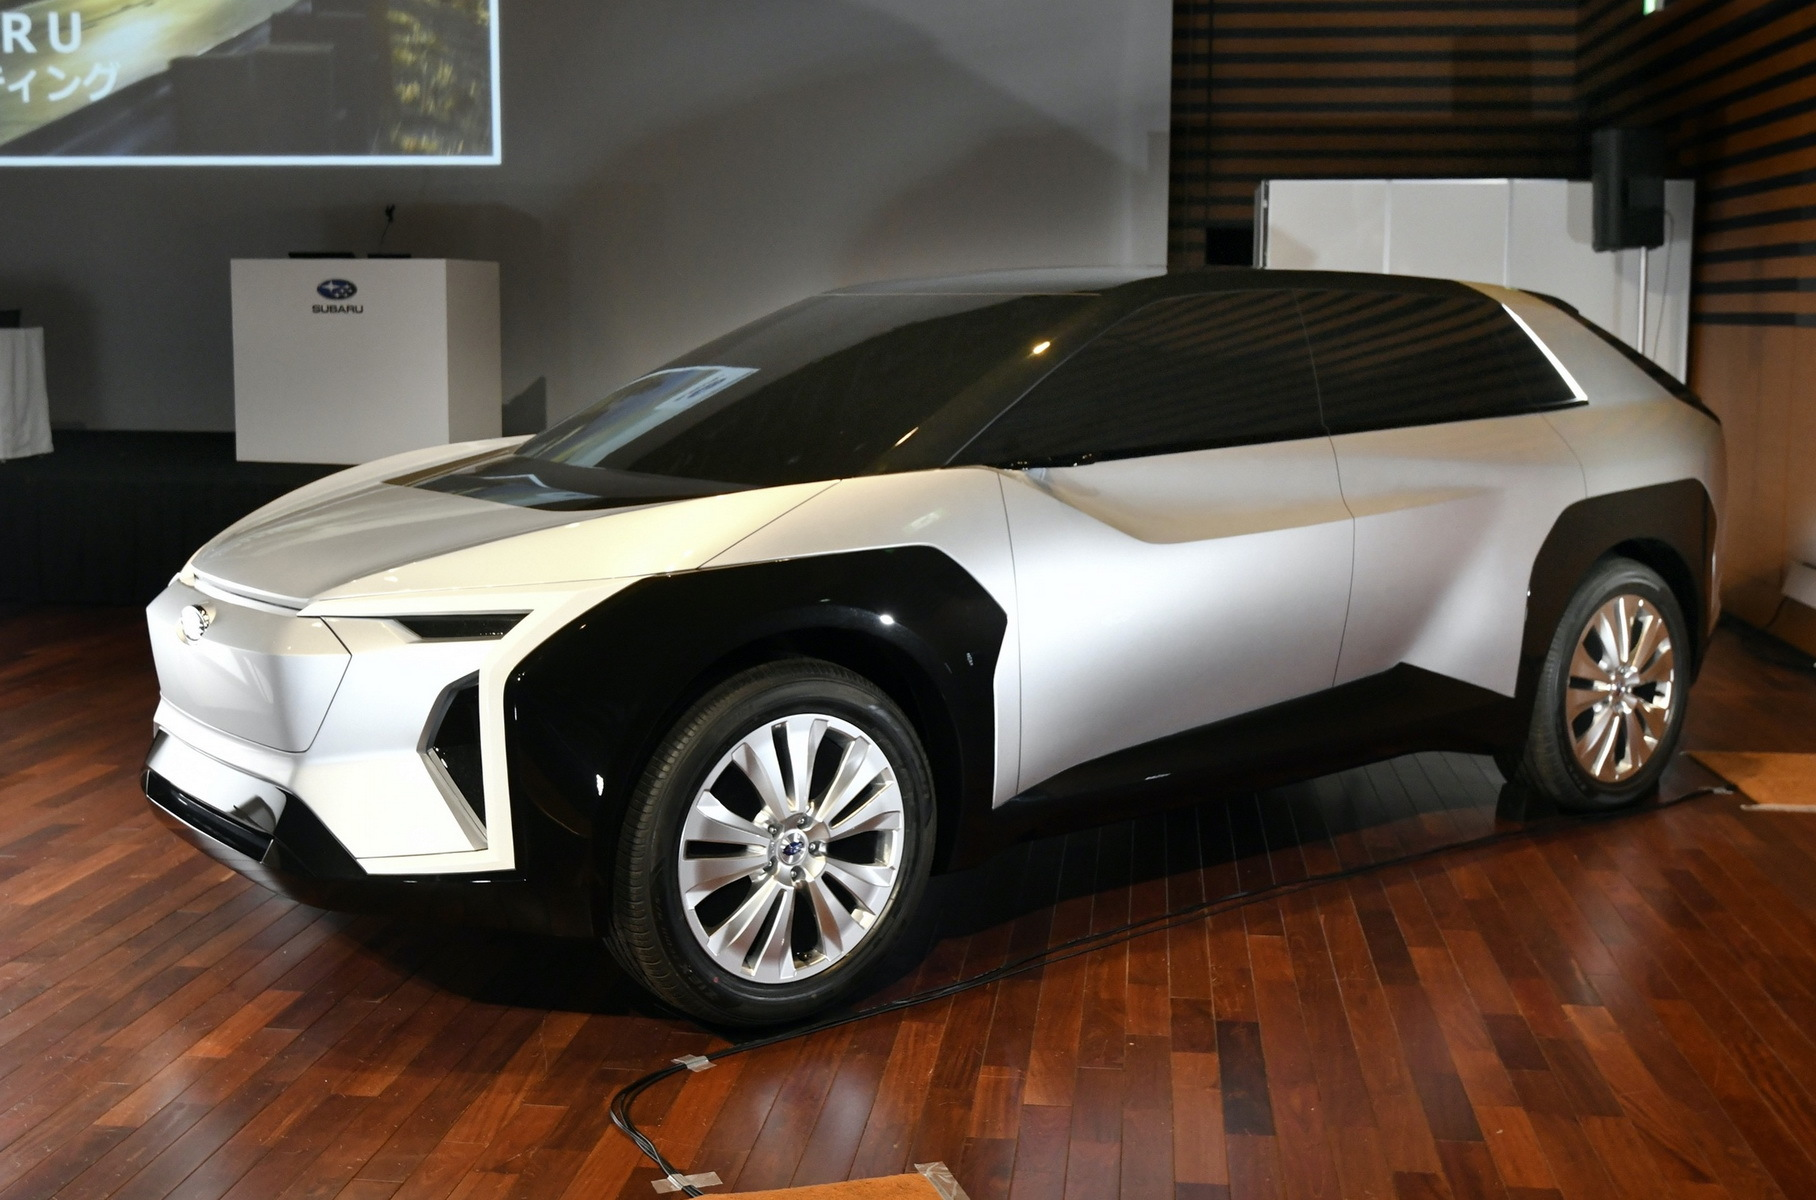 Первый электромобиль Subaru получил имя и характеристики